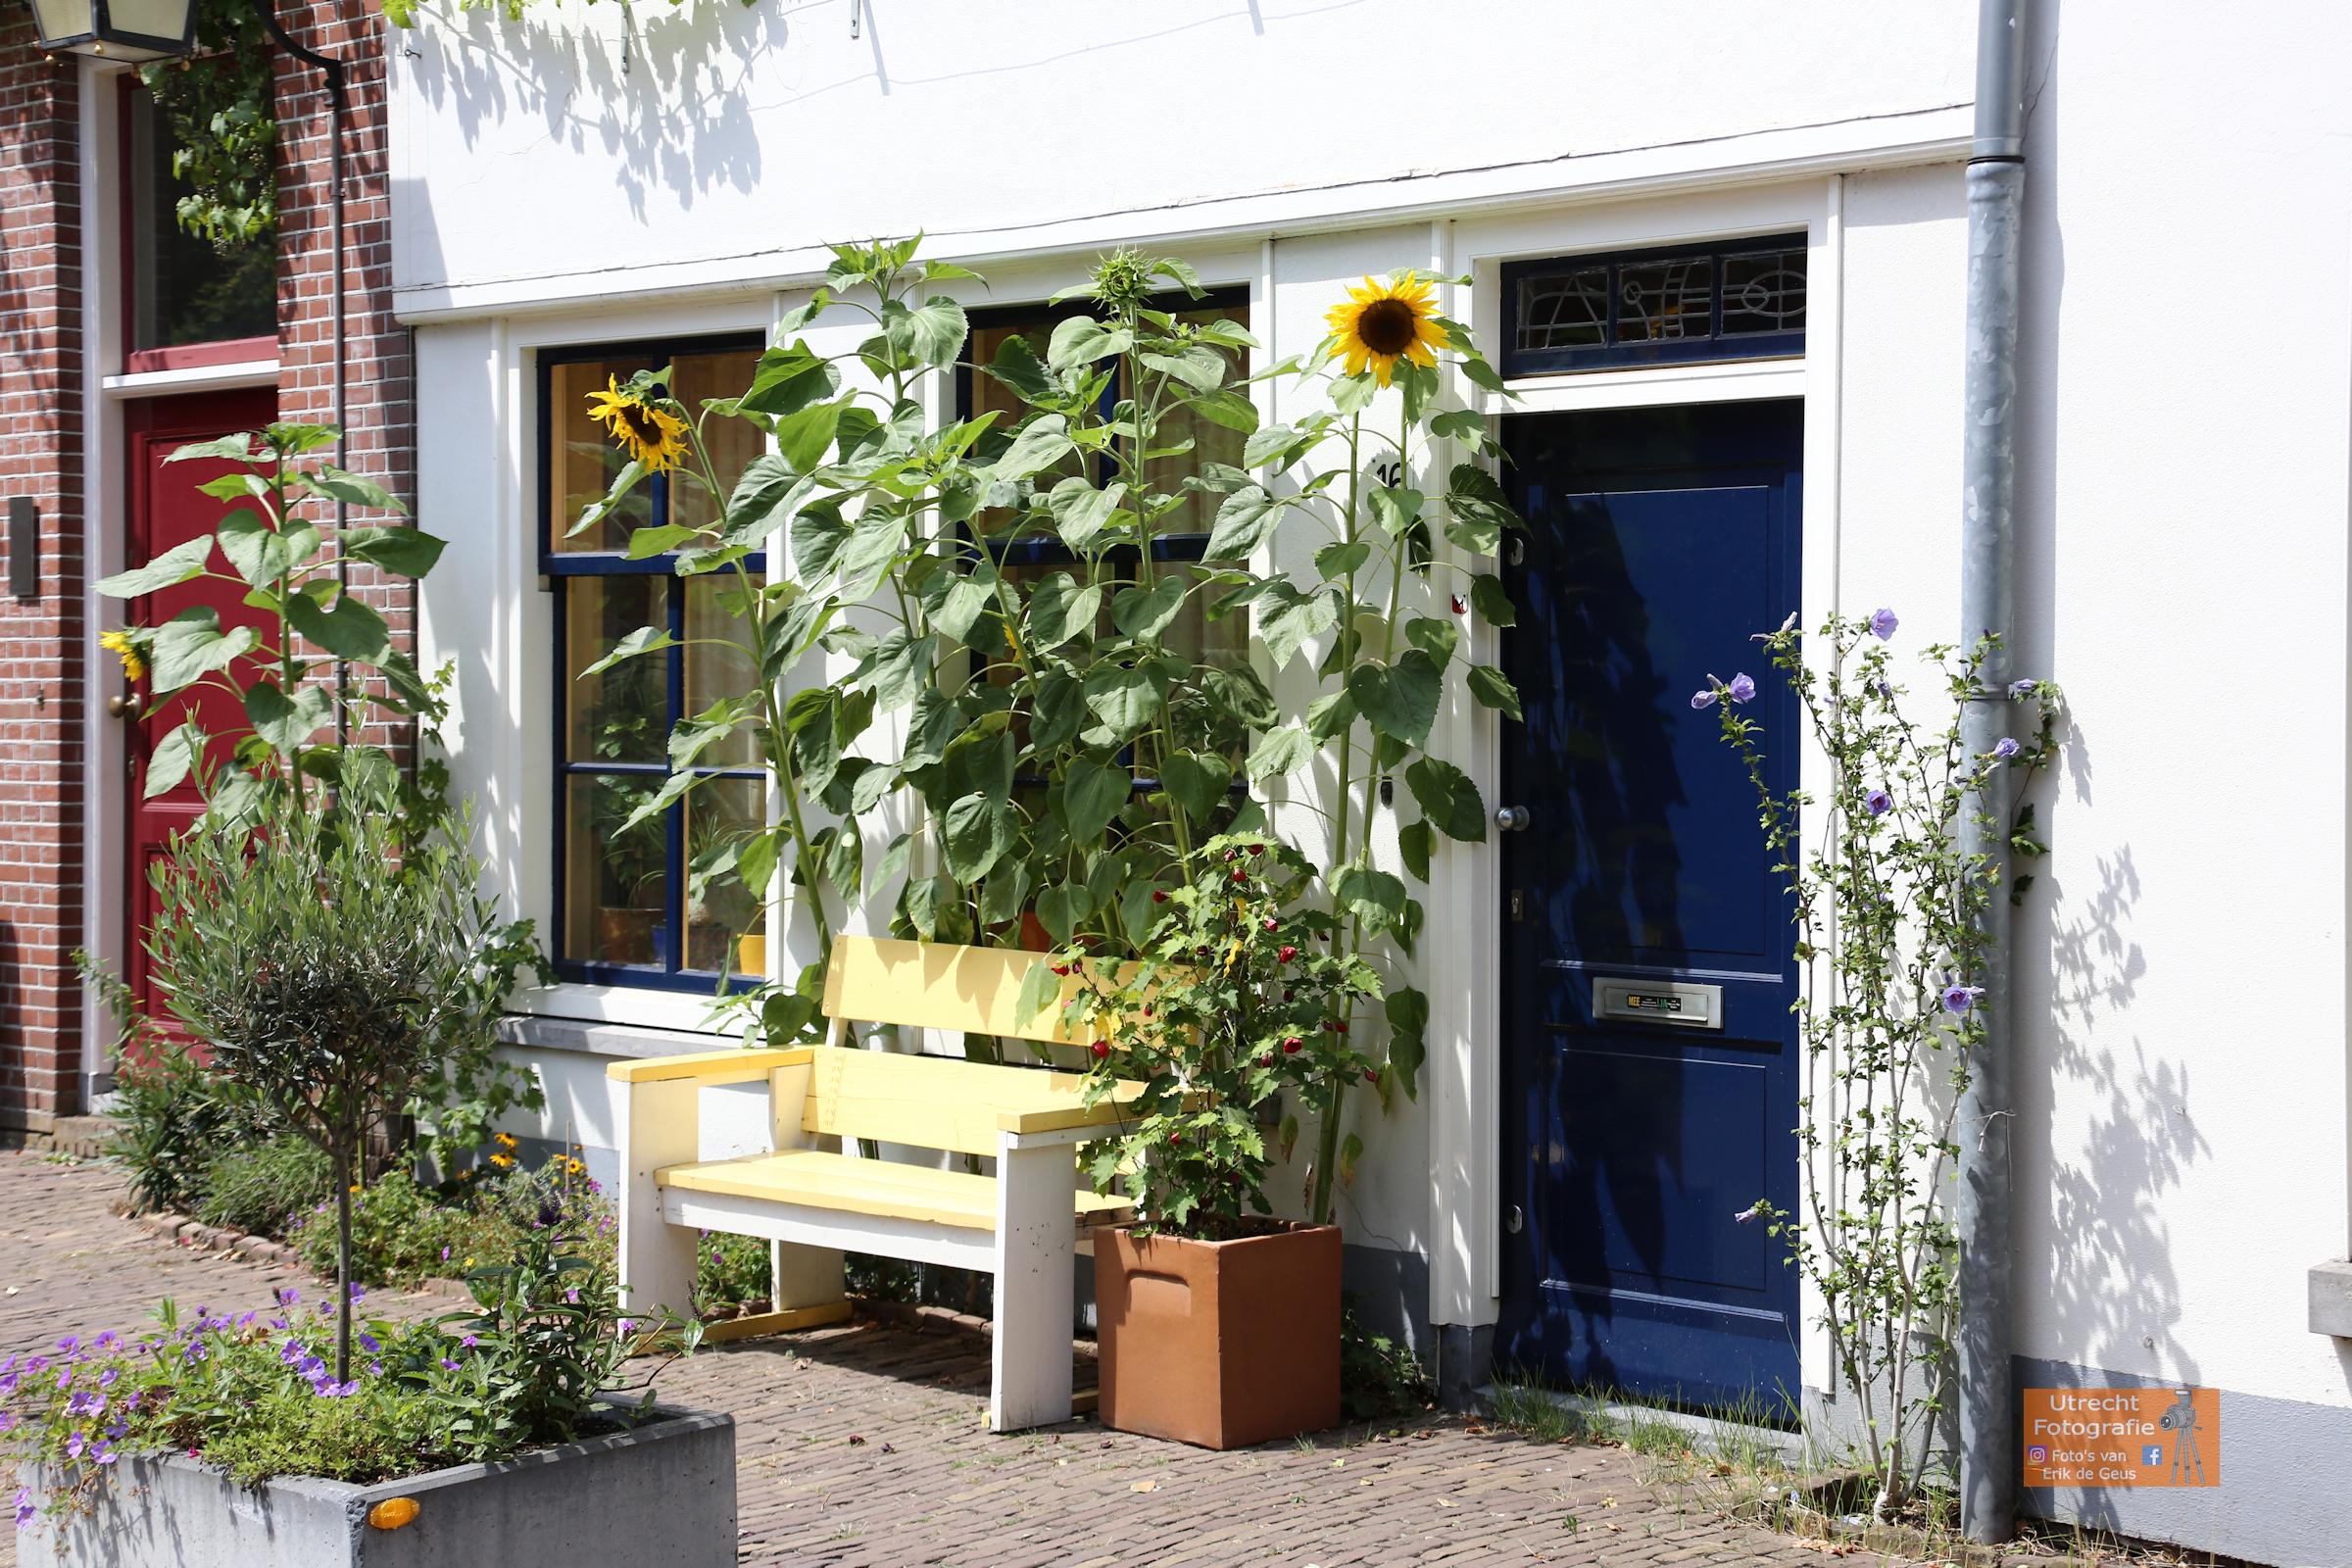 20180720 Juttevrouwenstraat 01